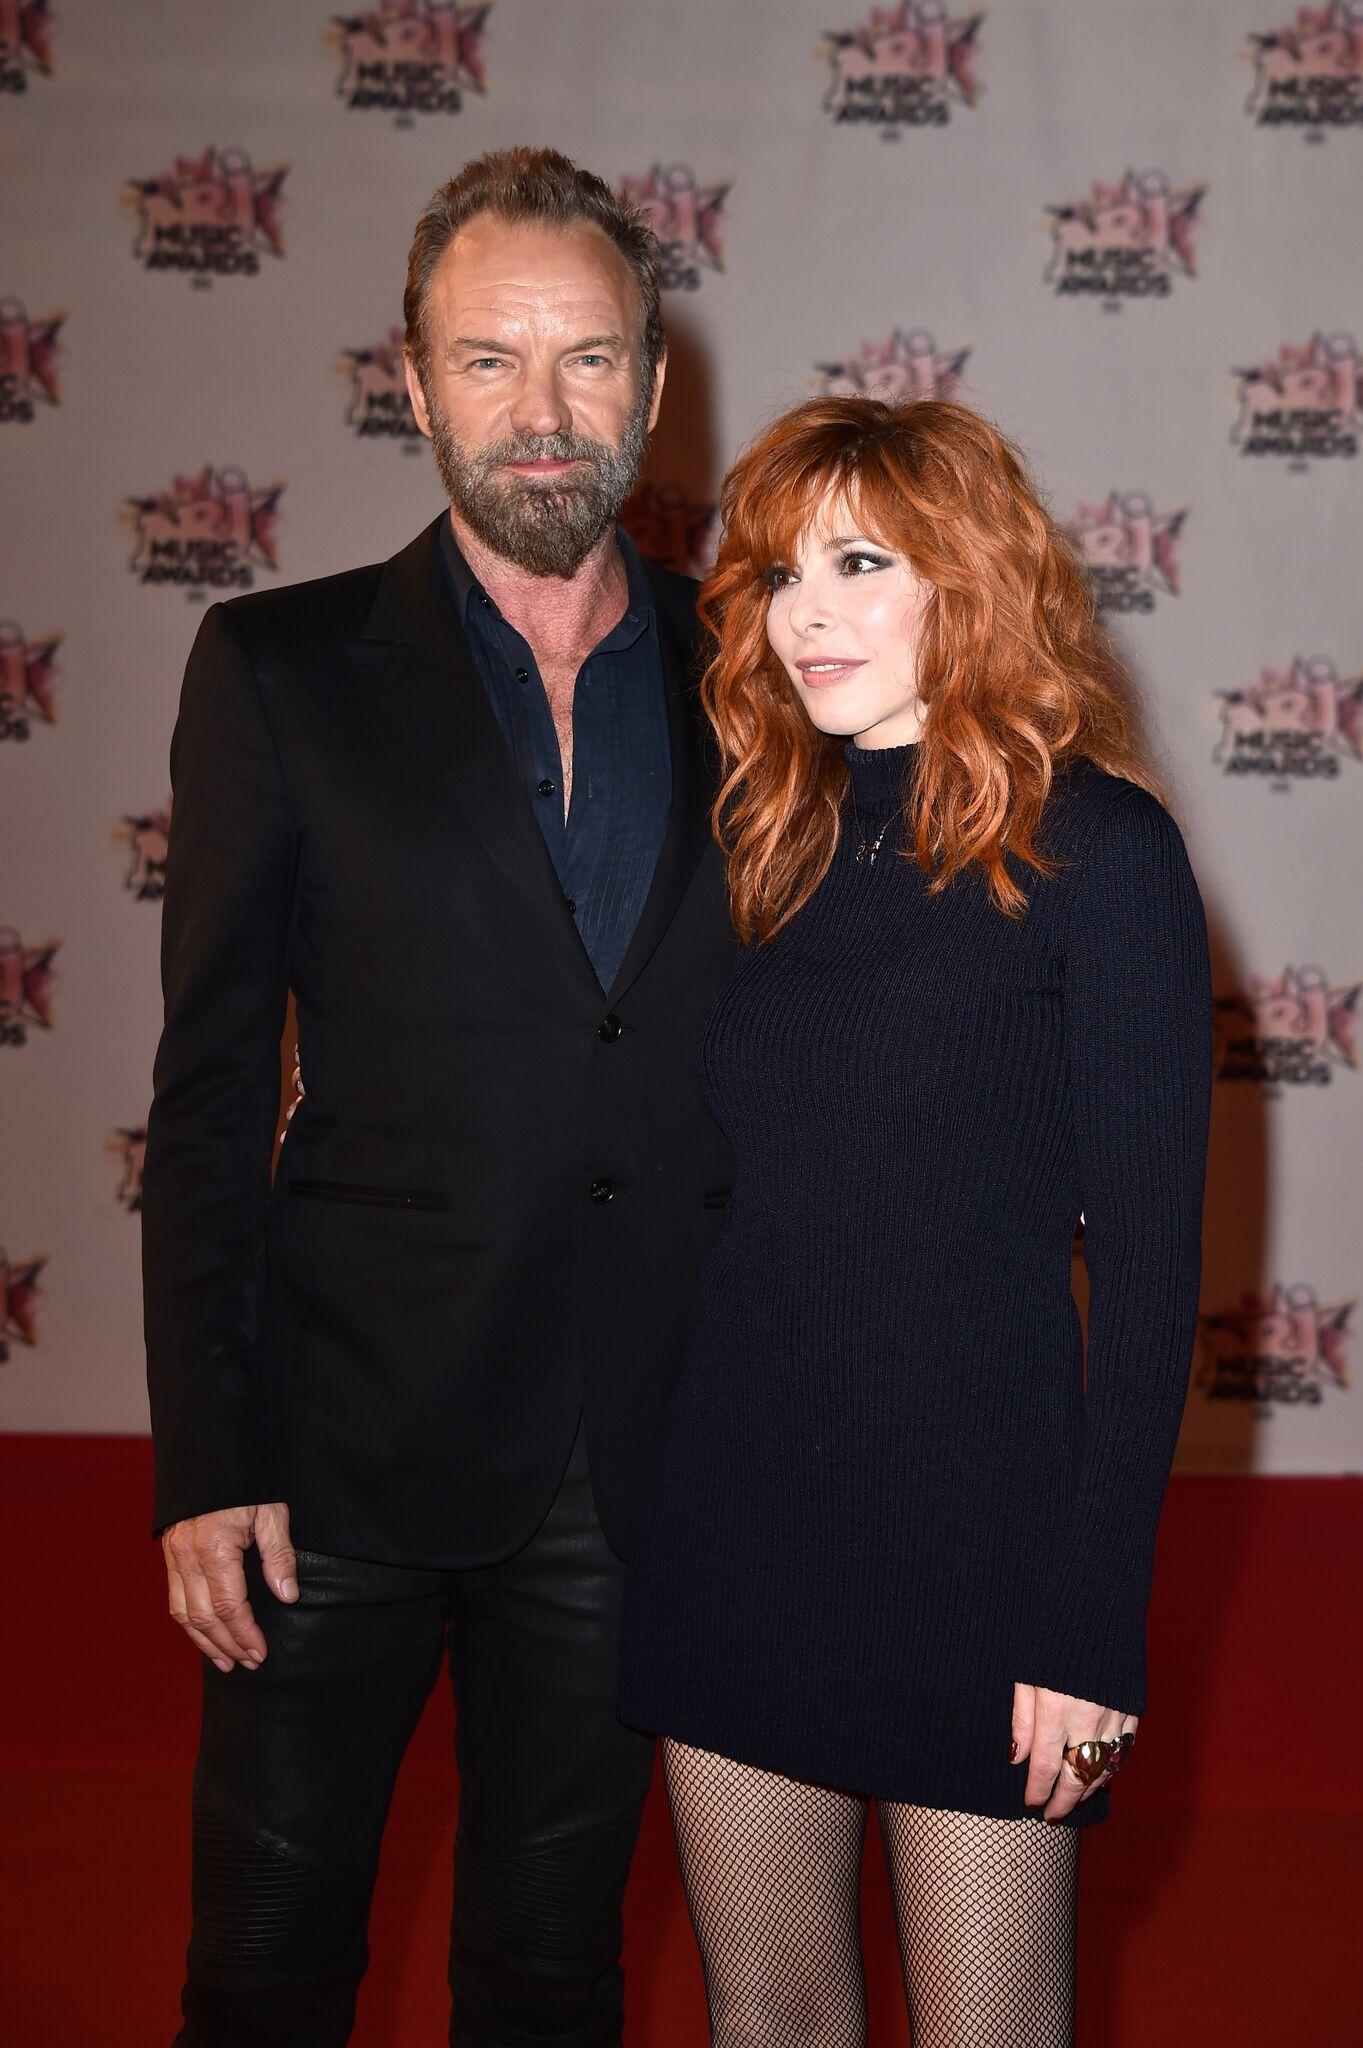 Sting et Mylène Farmer aux NRJ Awards. l Source: Getty Images